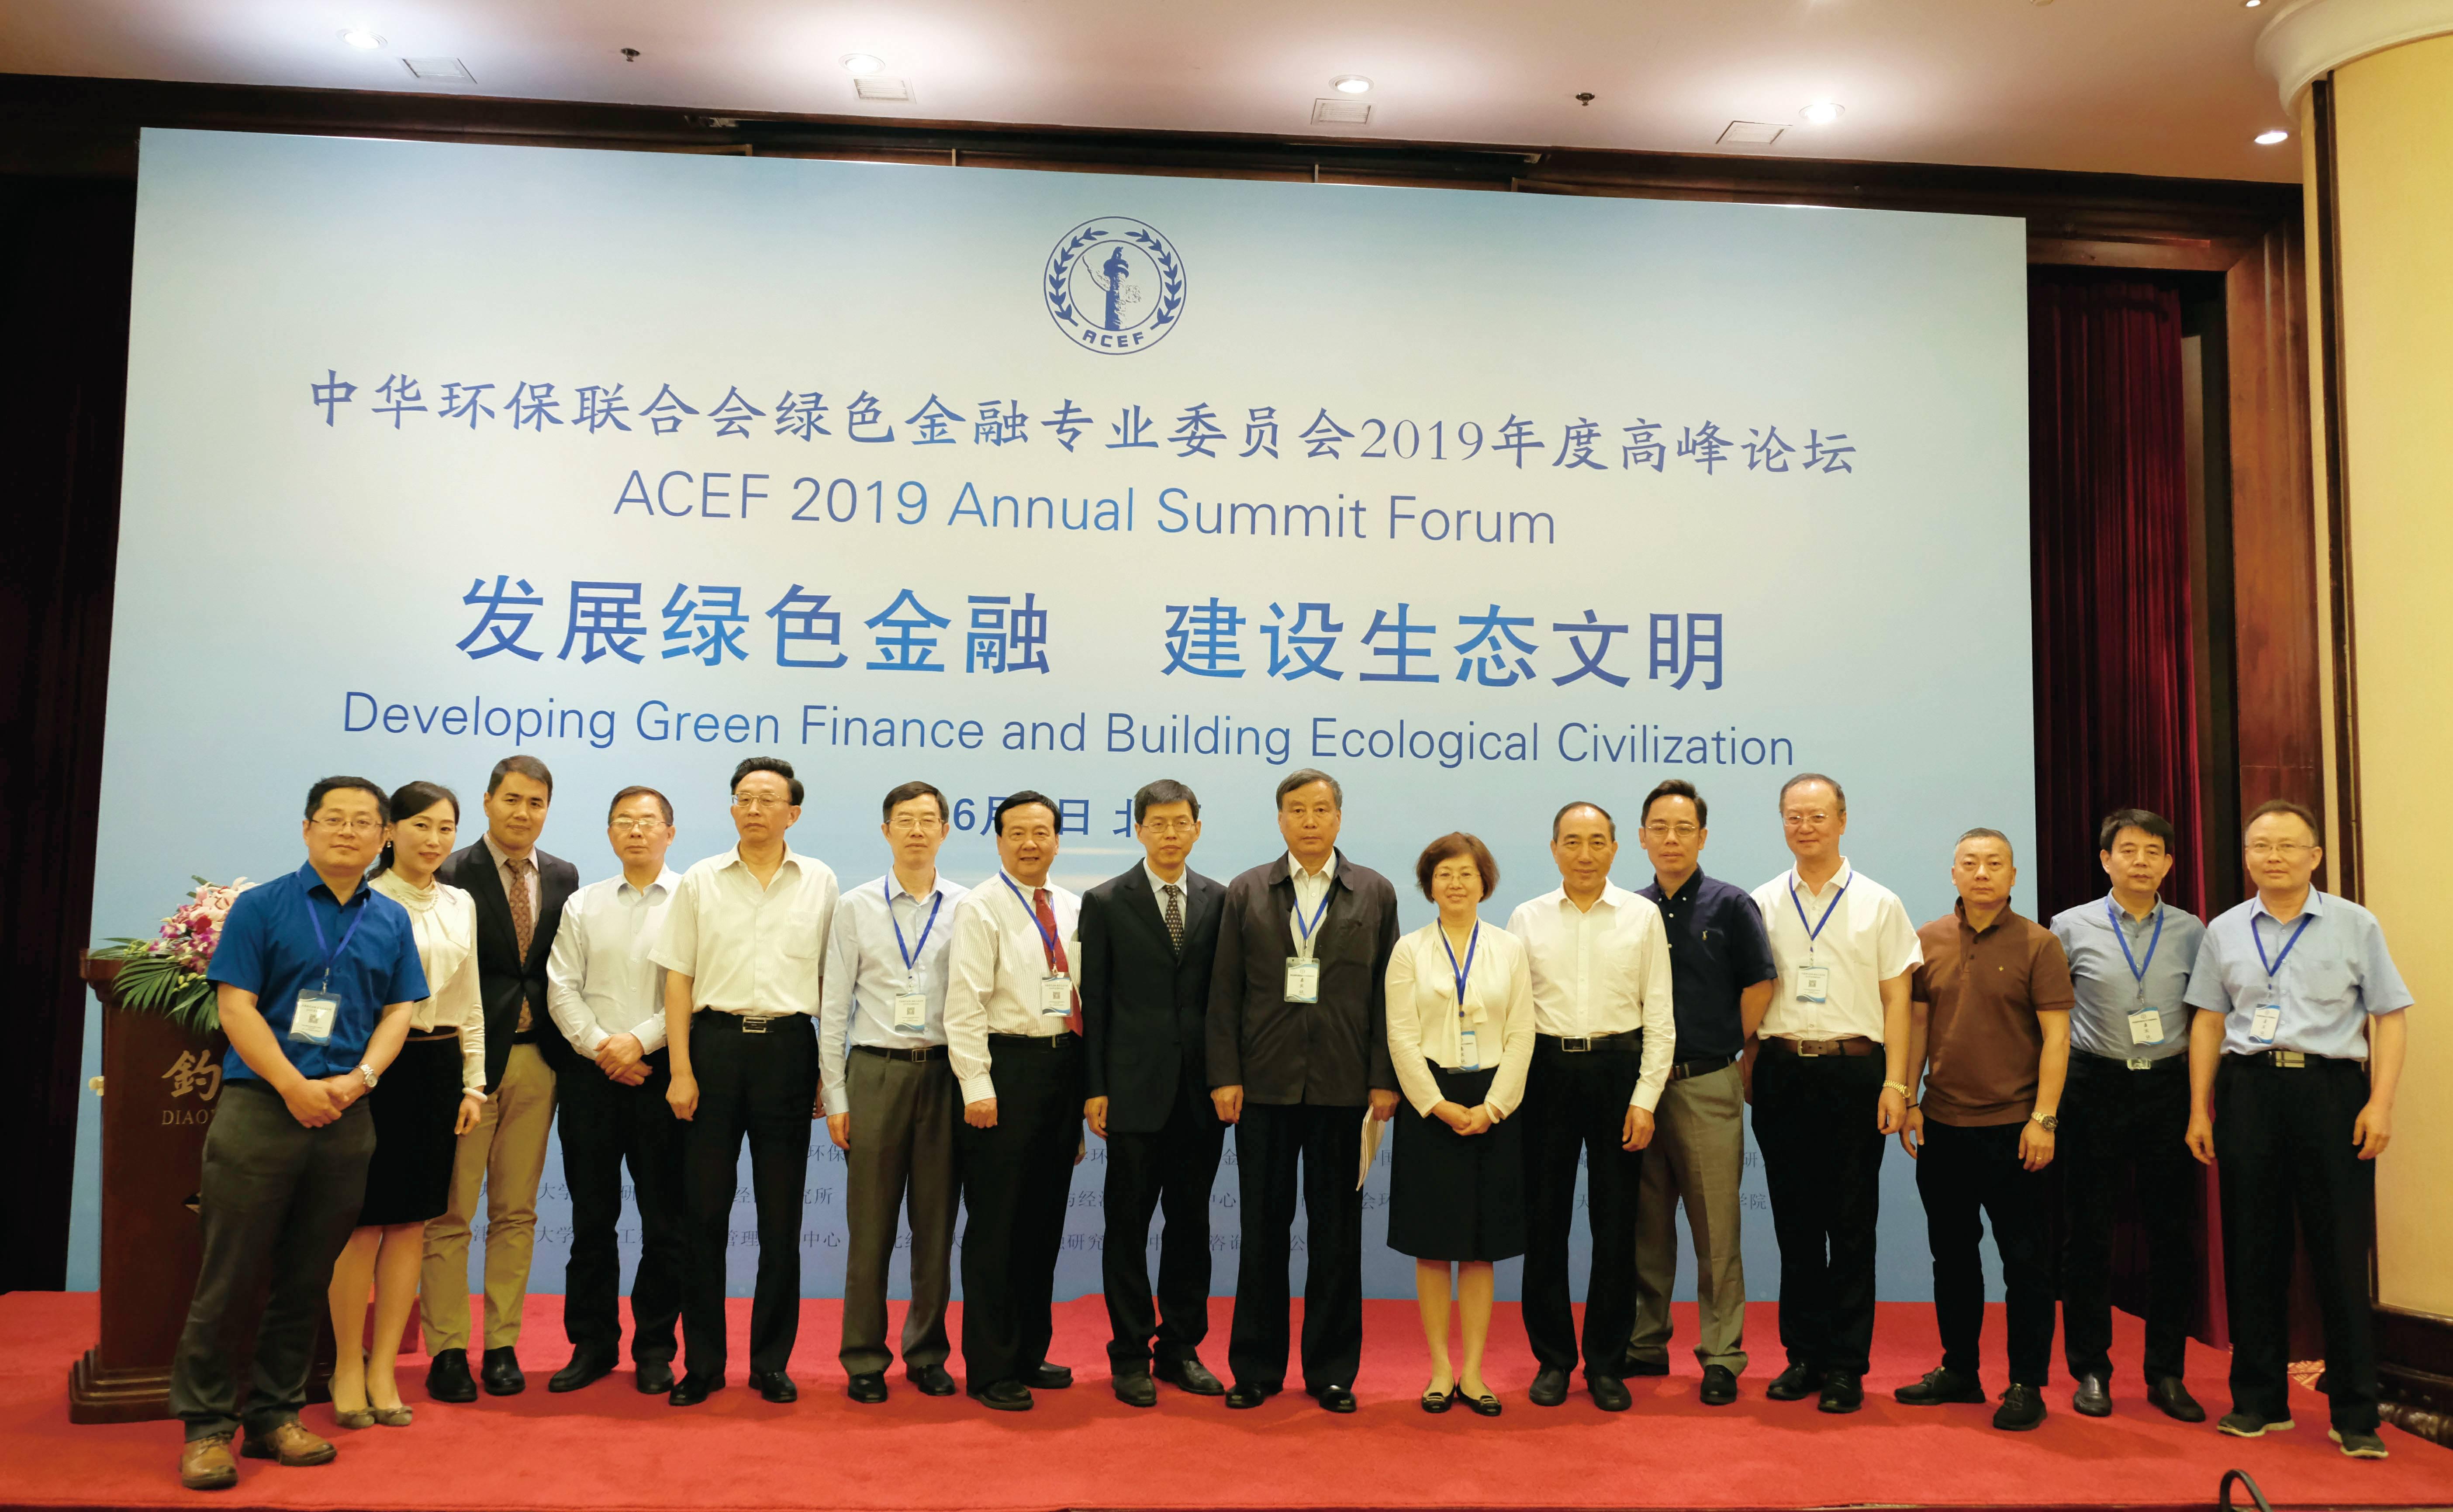 中华环保联合会绿色金融专业委员会高峰论坛举行 绿色金融生态环境共生共赢